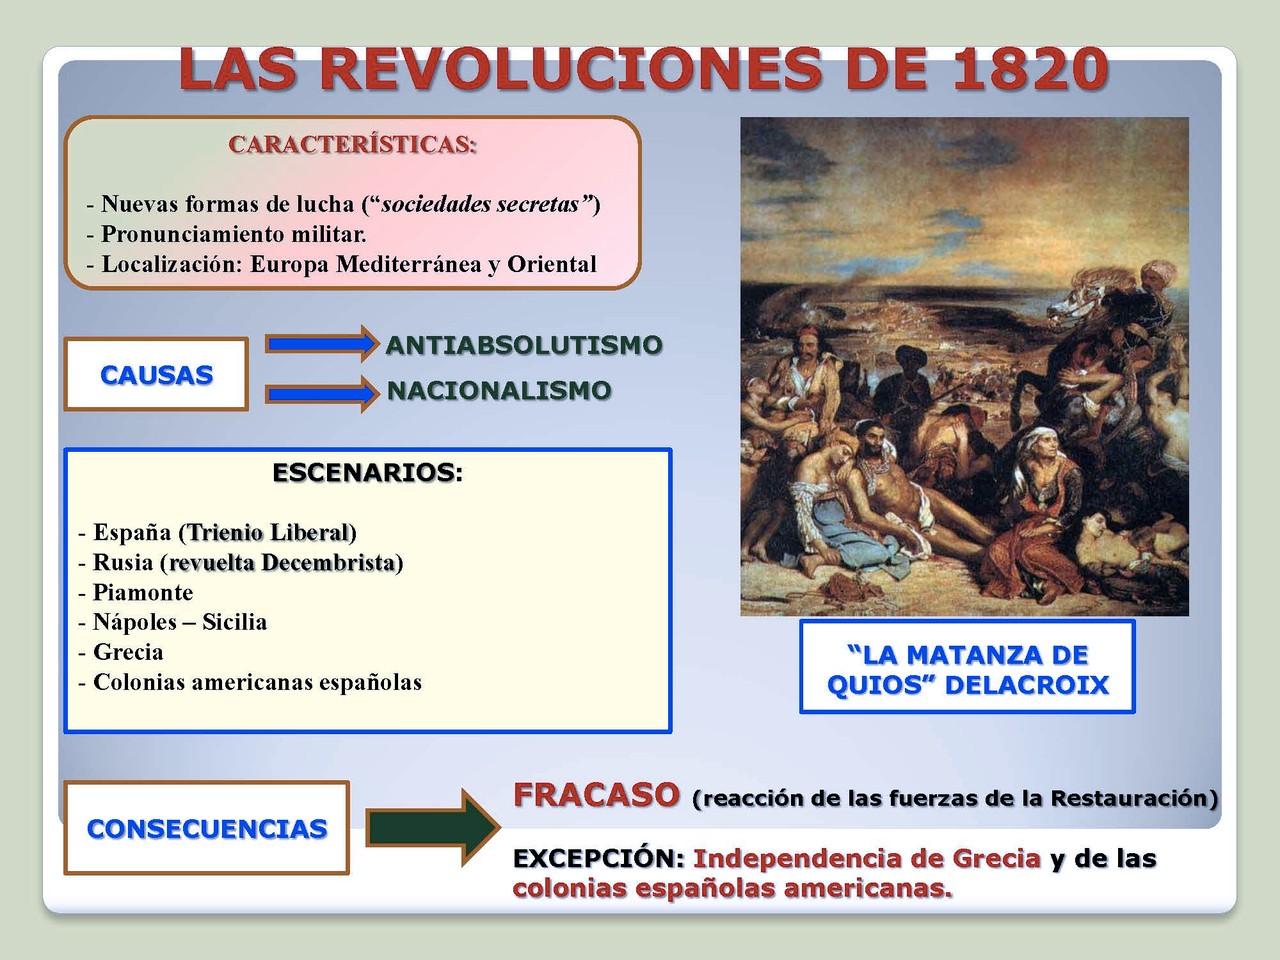 Las revoluciones de 1820.